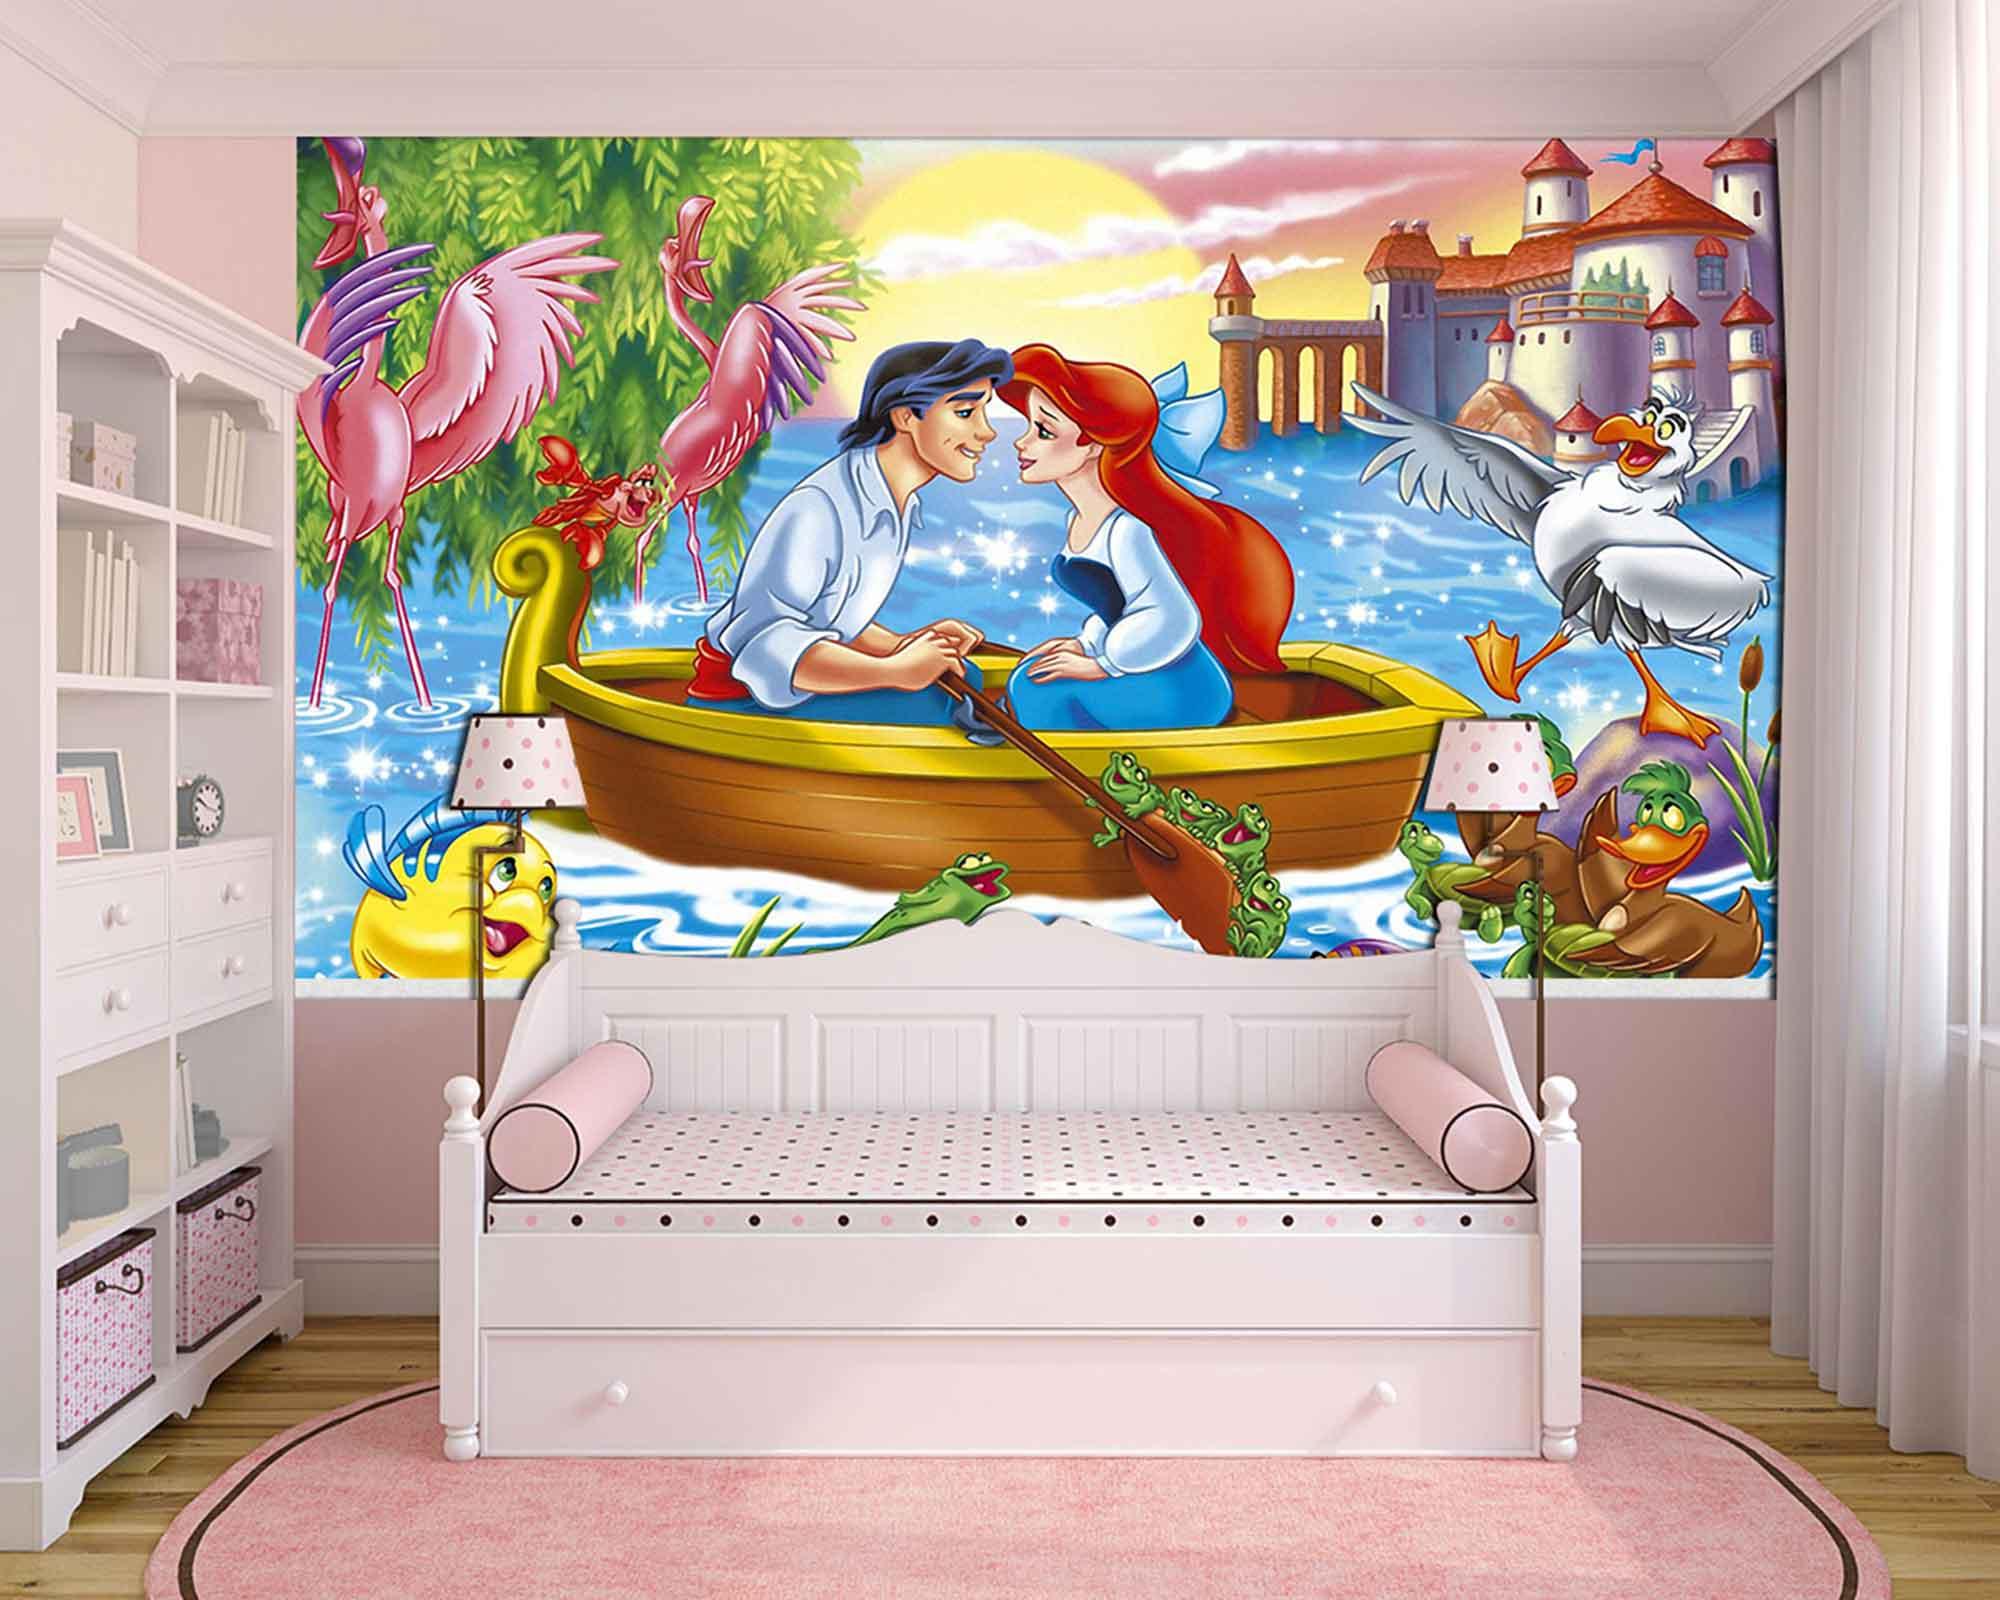 Papel De Parede 3D | Papel de Parede Infantil Ariel 0013 - Sobmedida: m²